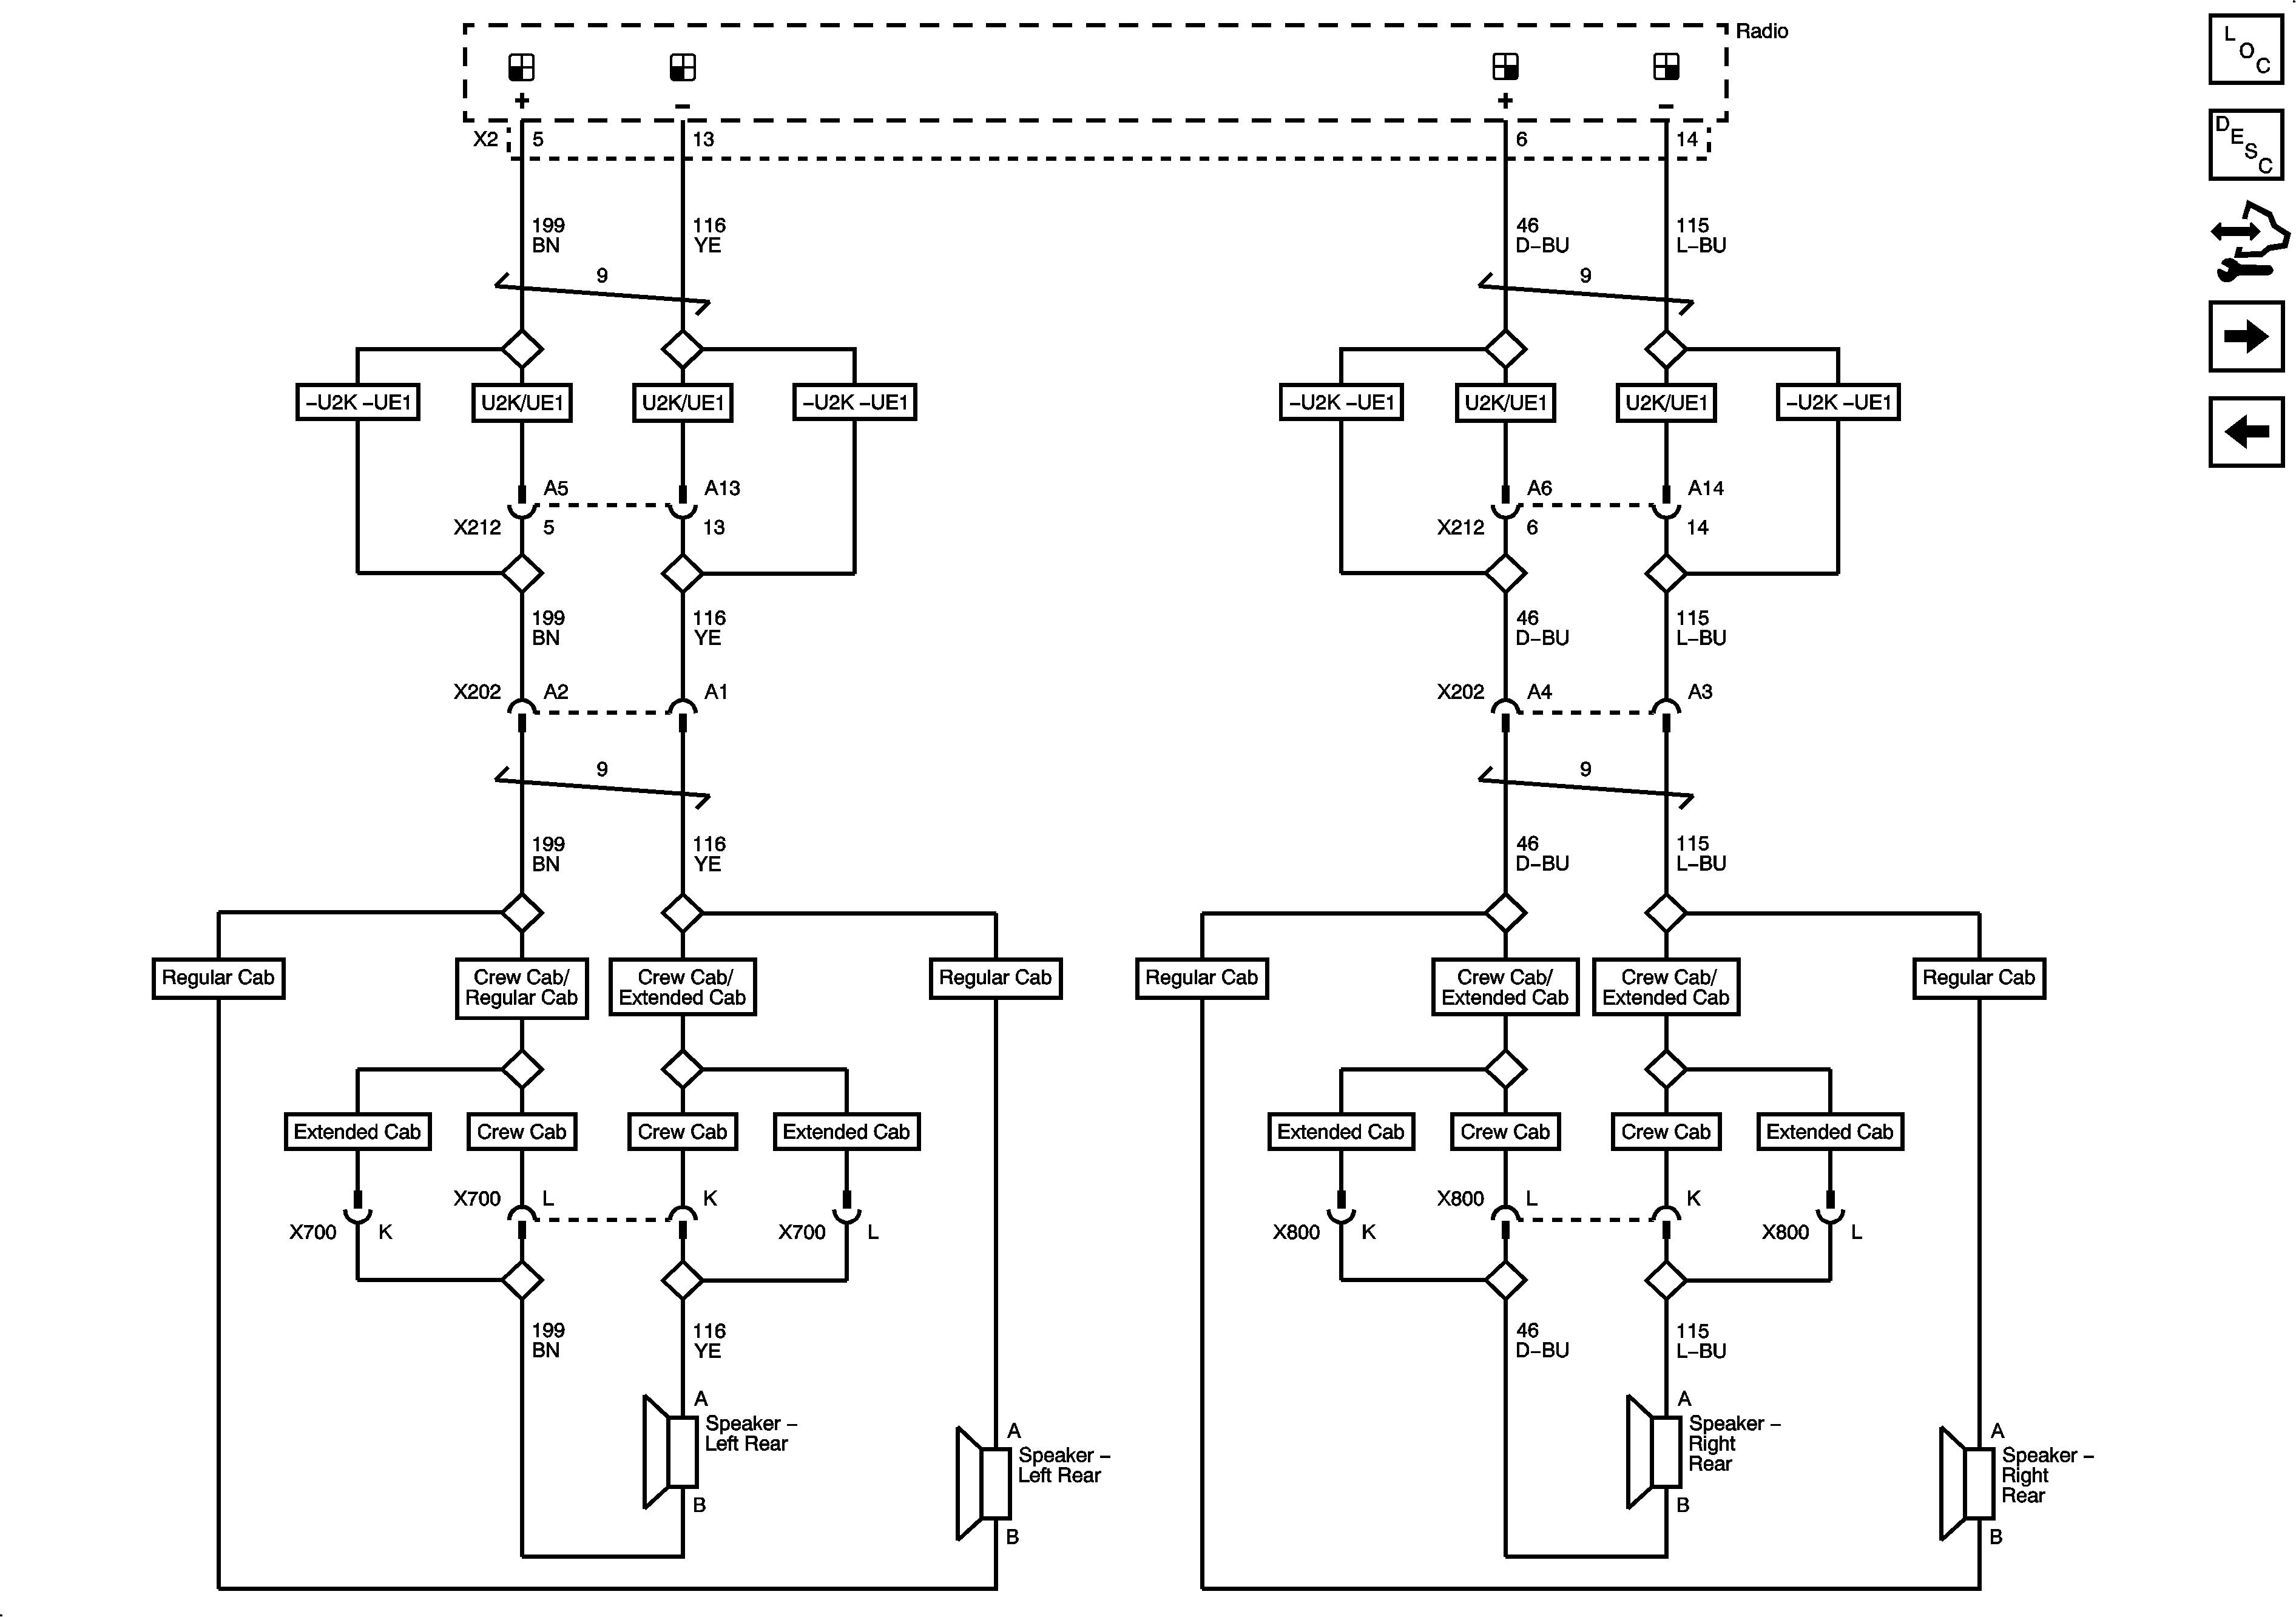 Diagram Diagram 2008 Silverado Radio Wiring Harness Diagram